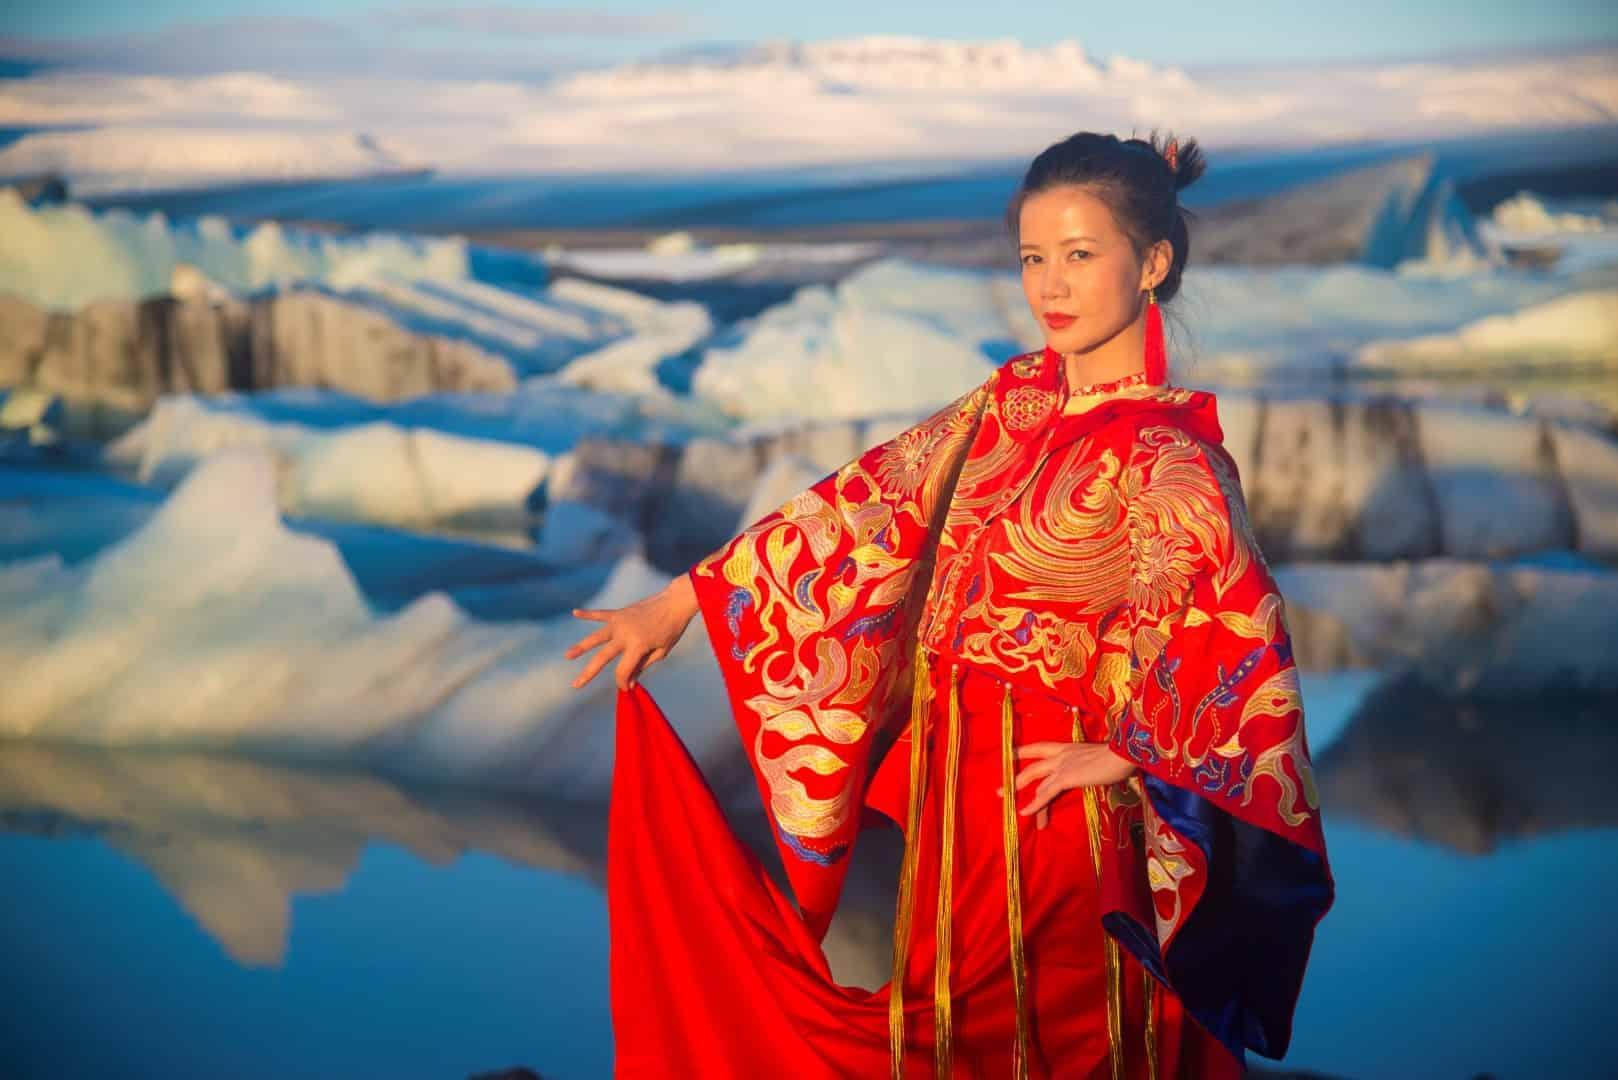 japanse dame voor ijsschotsenmeer Joekulsarlon | Fotografie-reizen - Fotoreizen